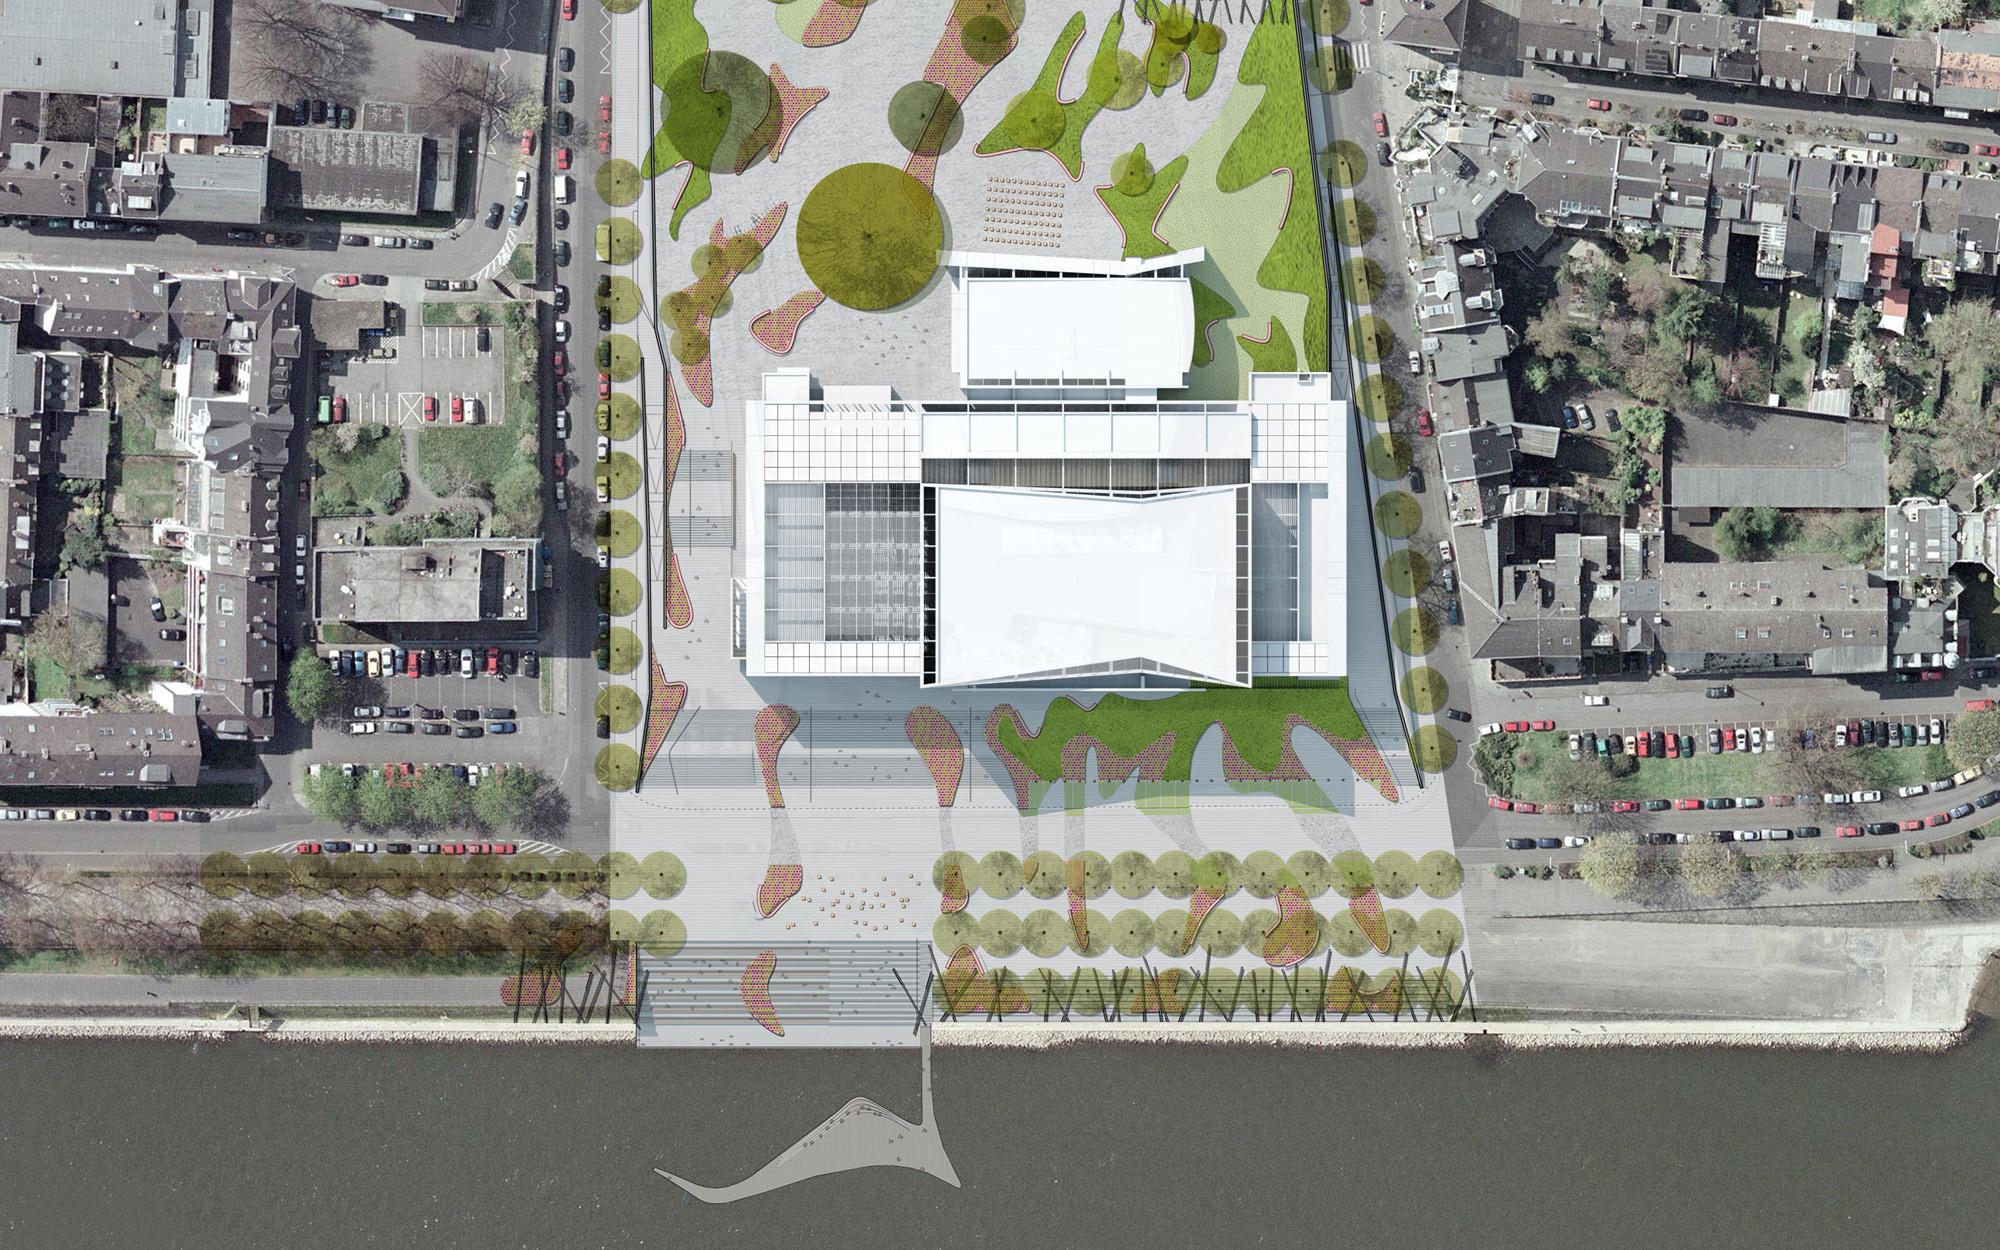 Bonn2_Aerial_Plan_crop.jpg